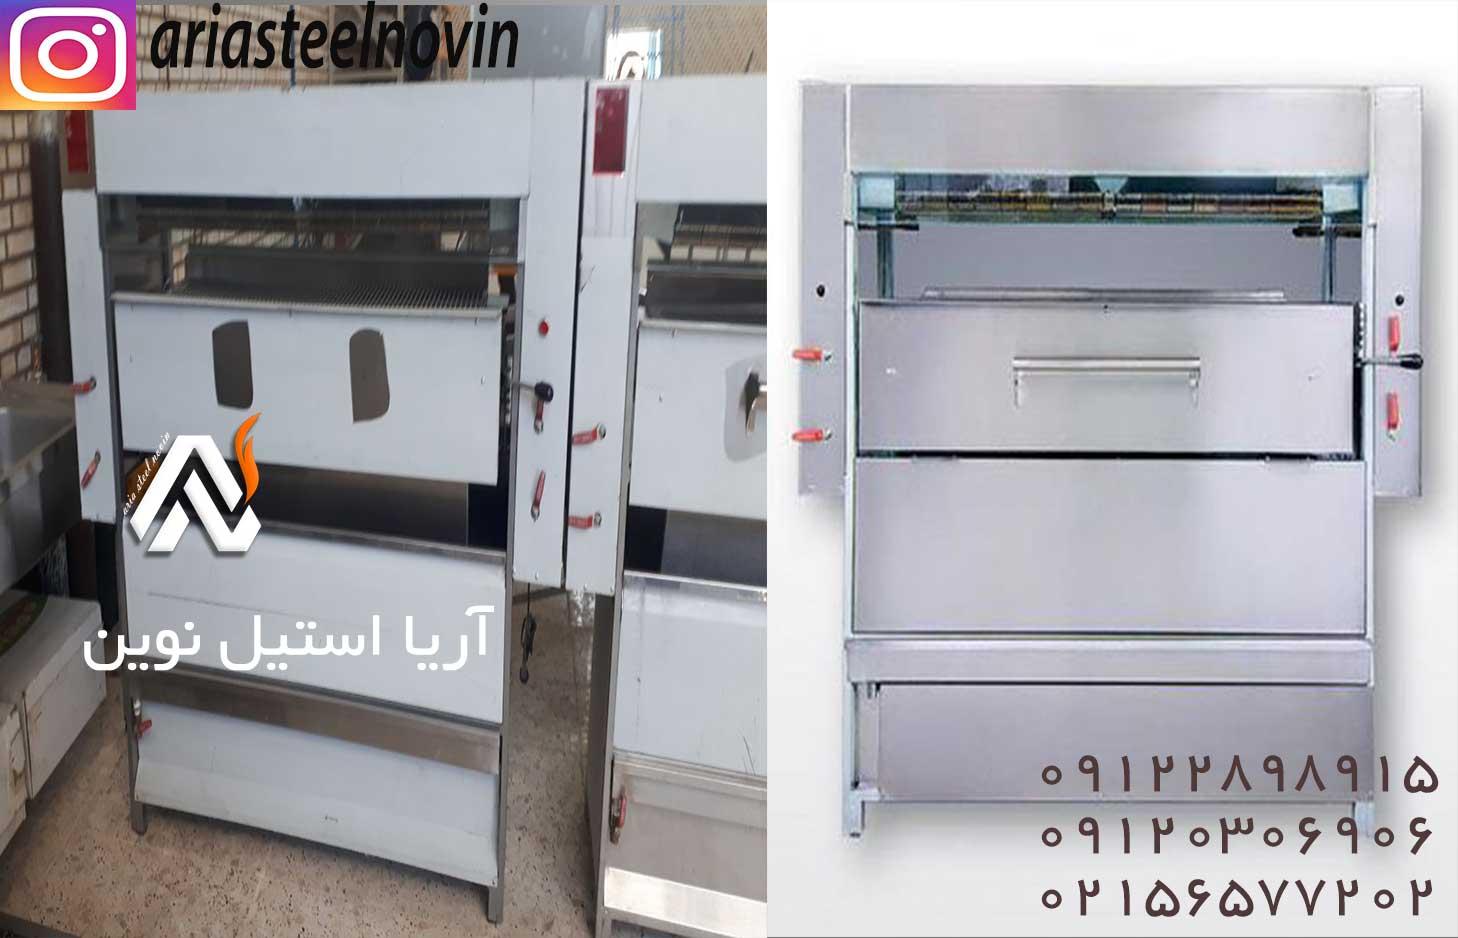 کباب-پز-تابشی-30-سیخ | تجهیزات آـشپزخانه صنعتی | تجهیزات فست فود